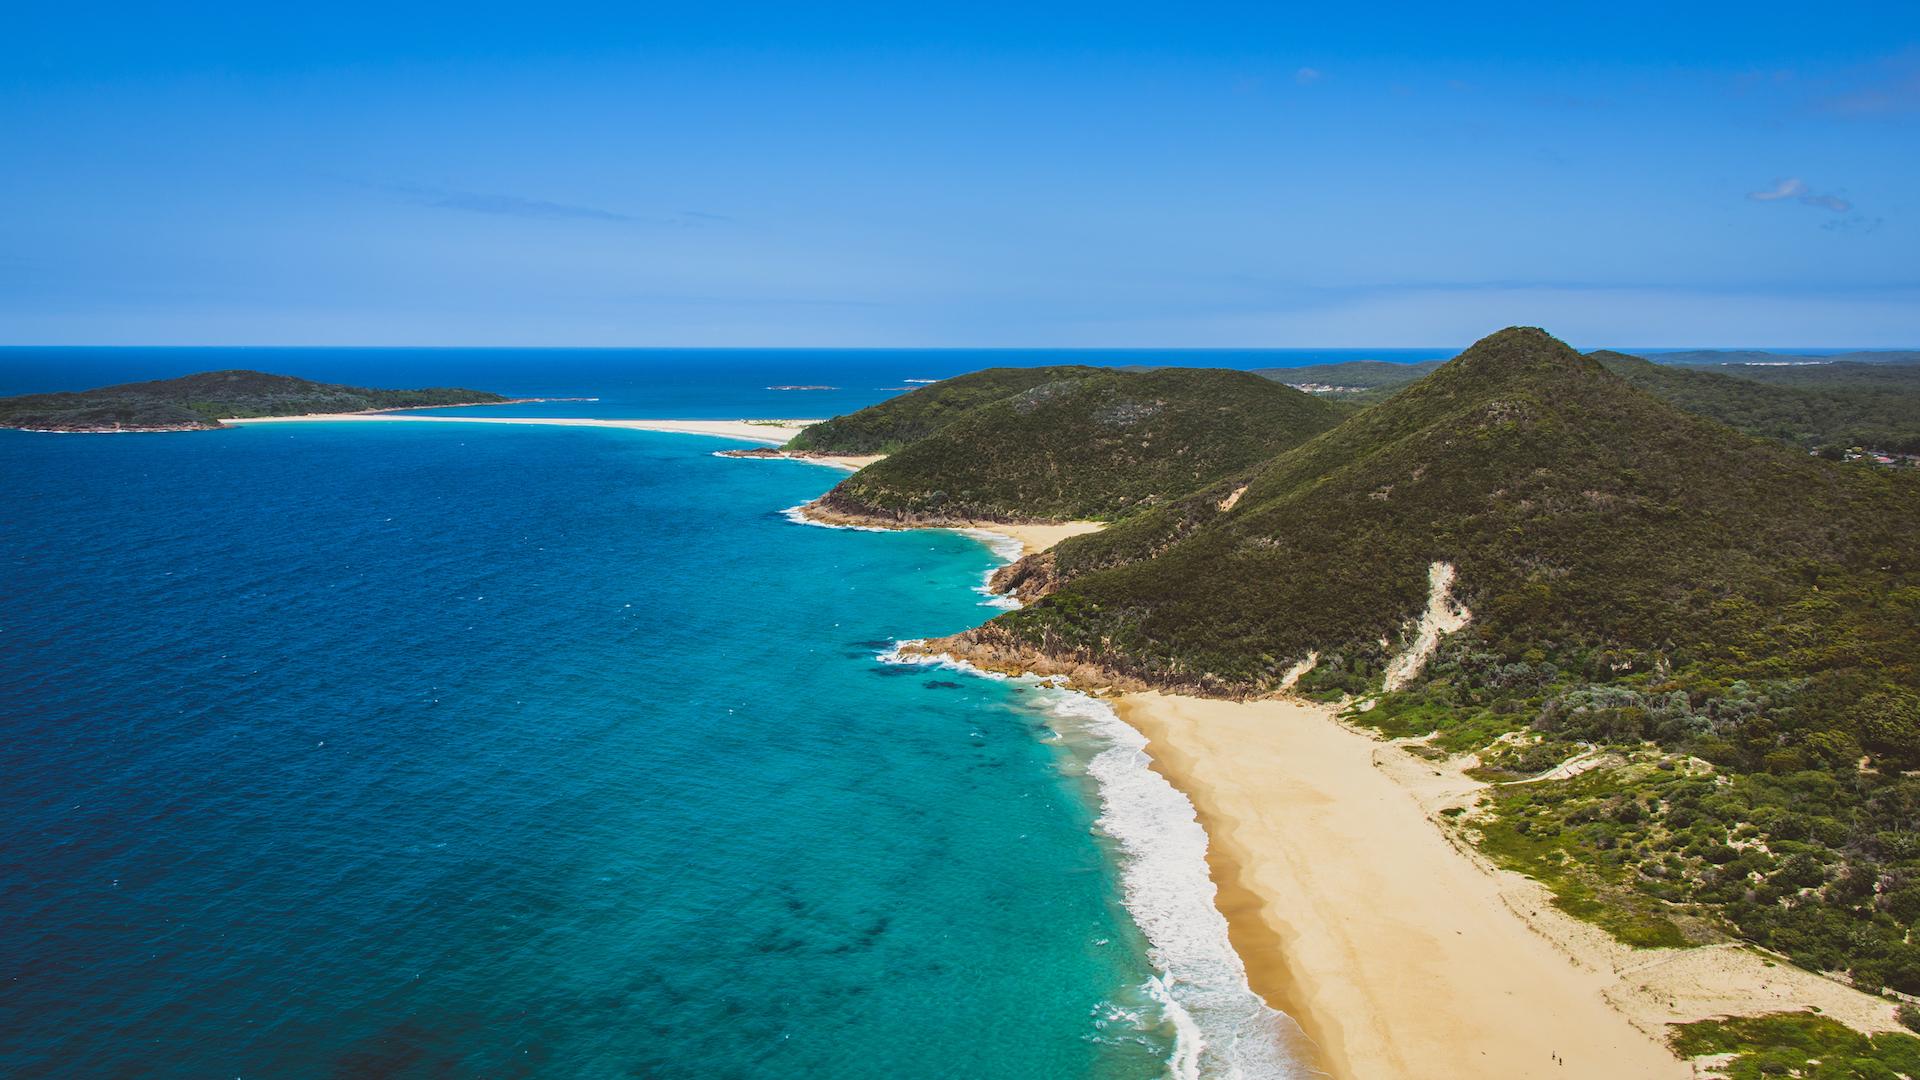 Port Stephens en Australie était l'un des endroits où les planeurs robotiques ont trouvé une rivière sous-marine.